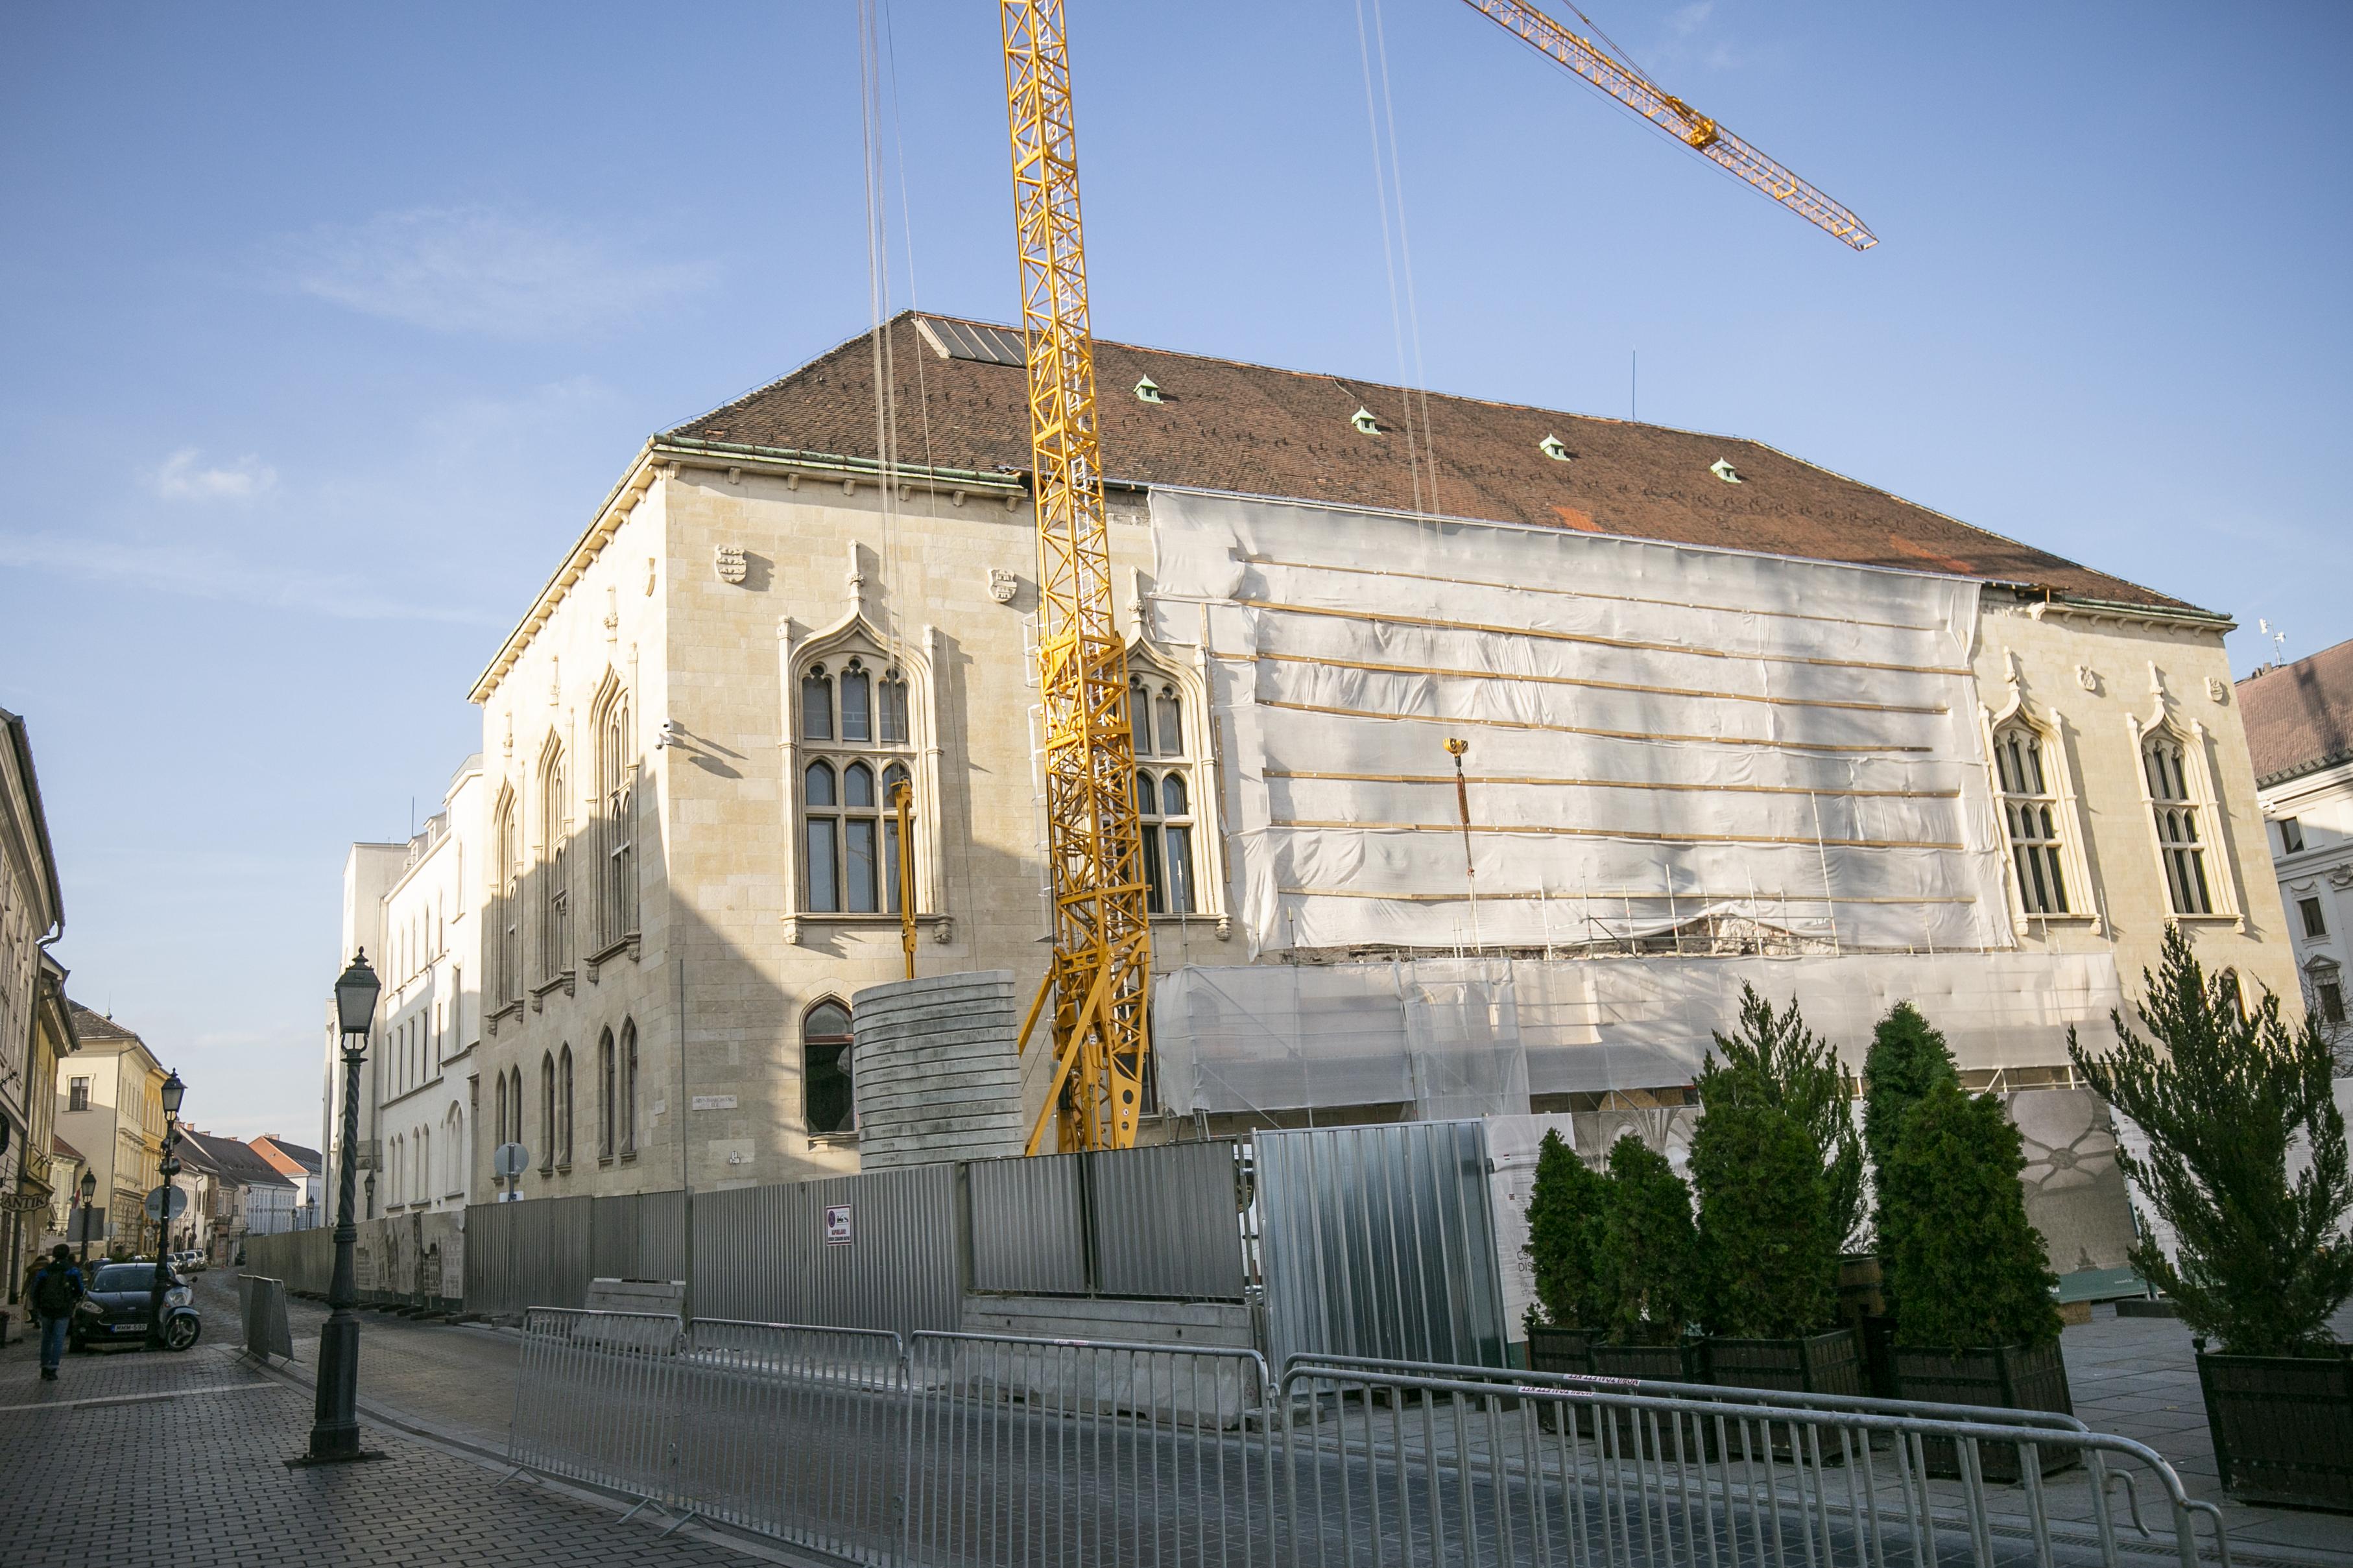 55 milliárdból újítják fel a Pénzügyminisztérium várbeli épületét